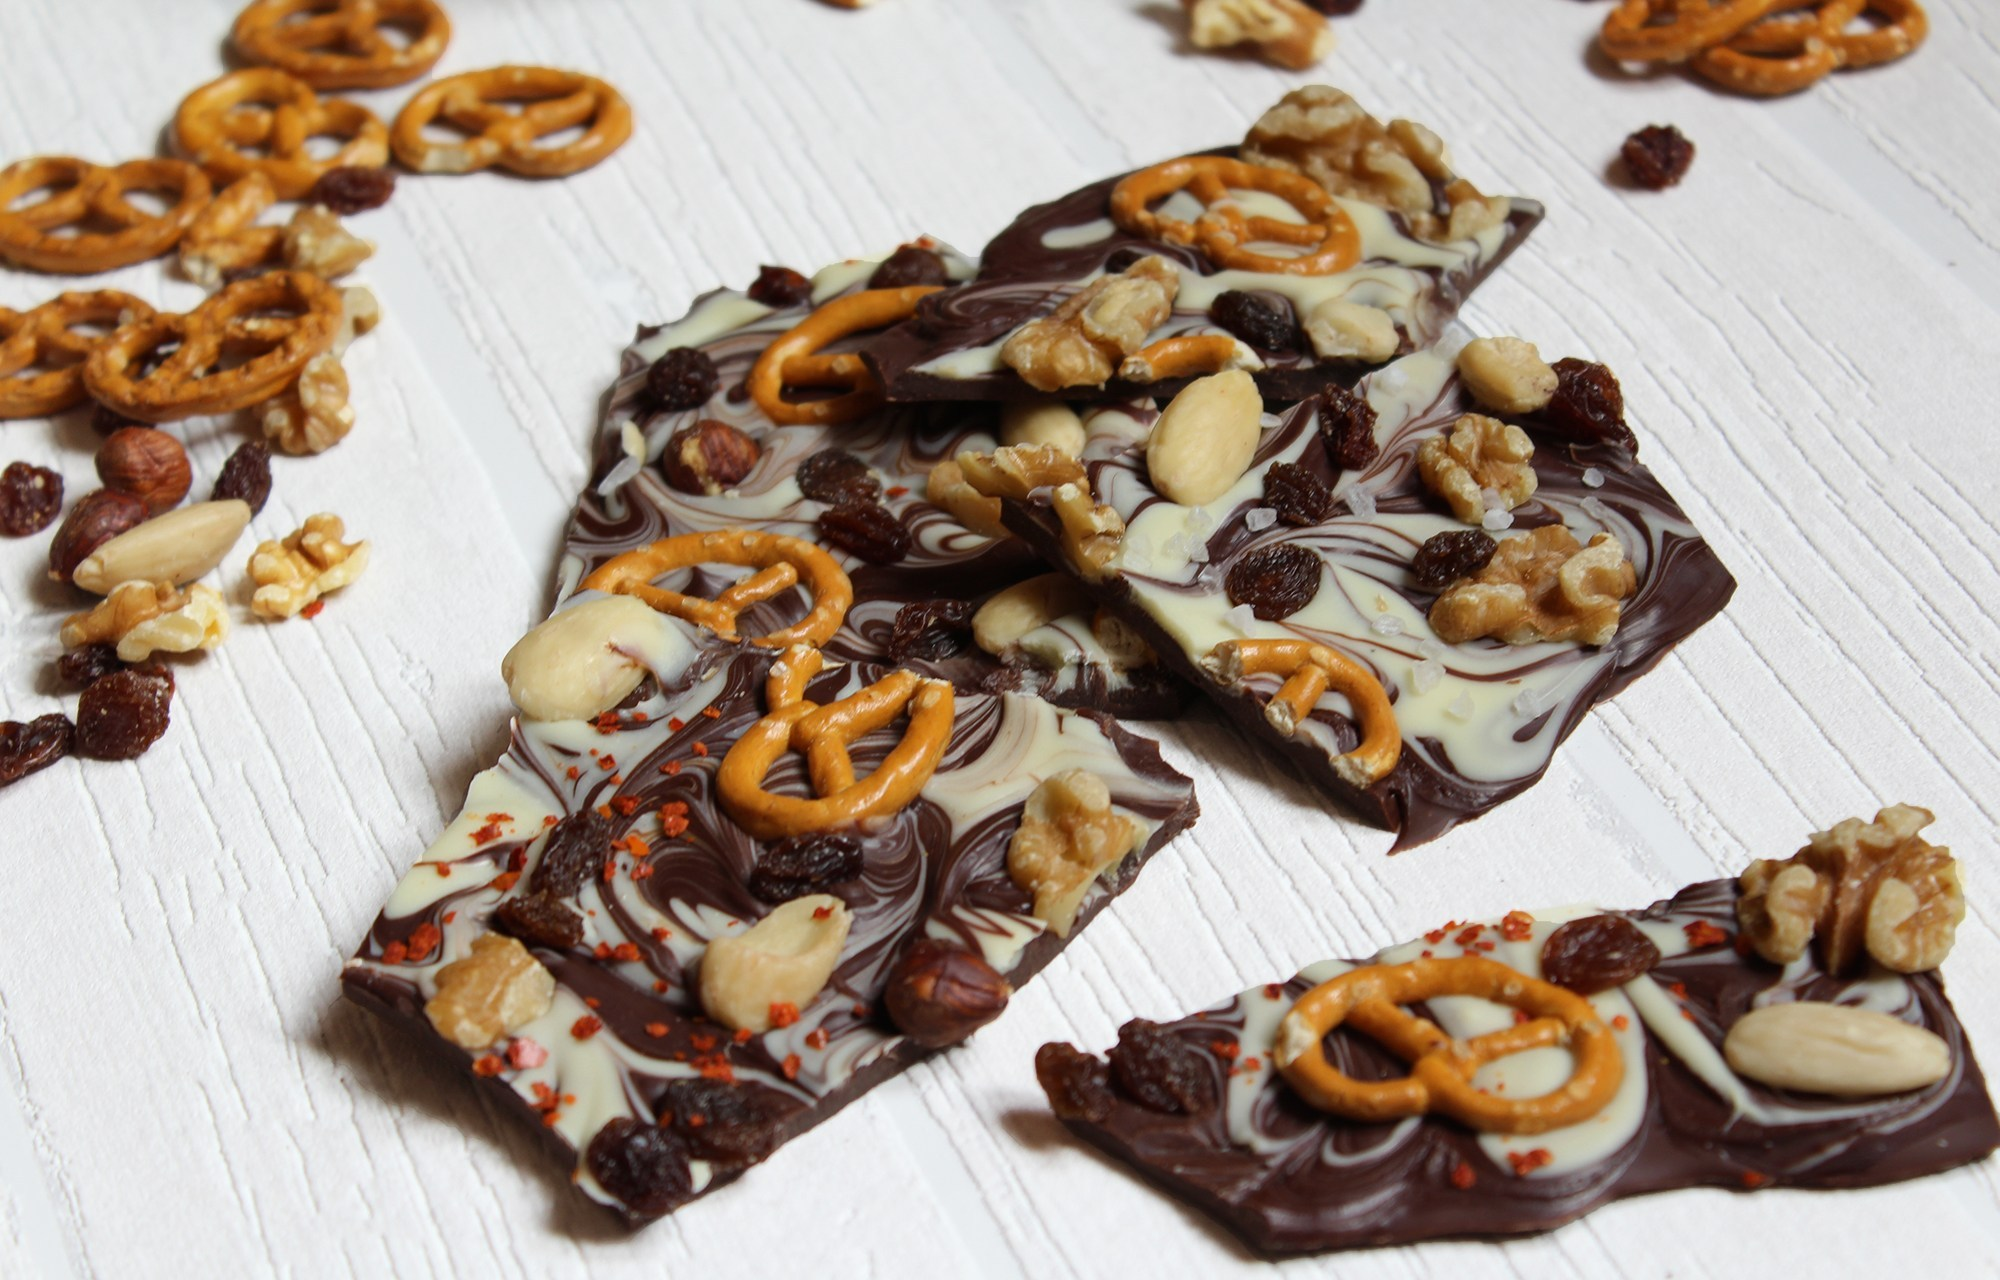 selbstgemachte Schokolade verfeinern Ideen und Anregungen Crackers